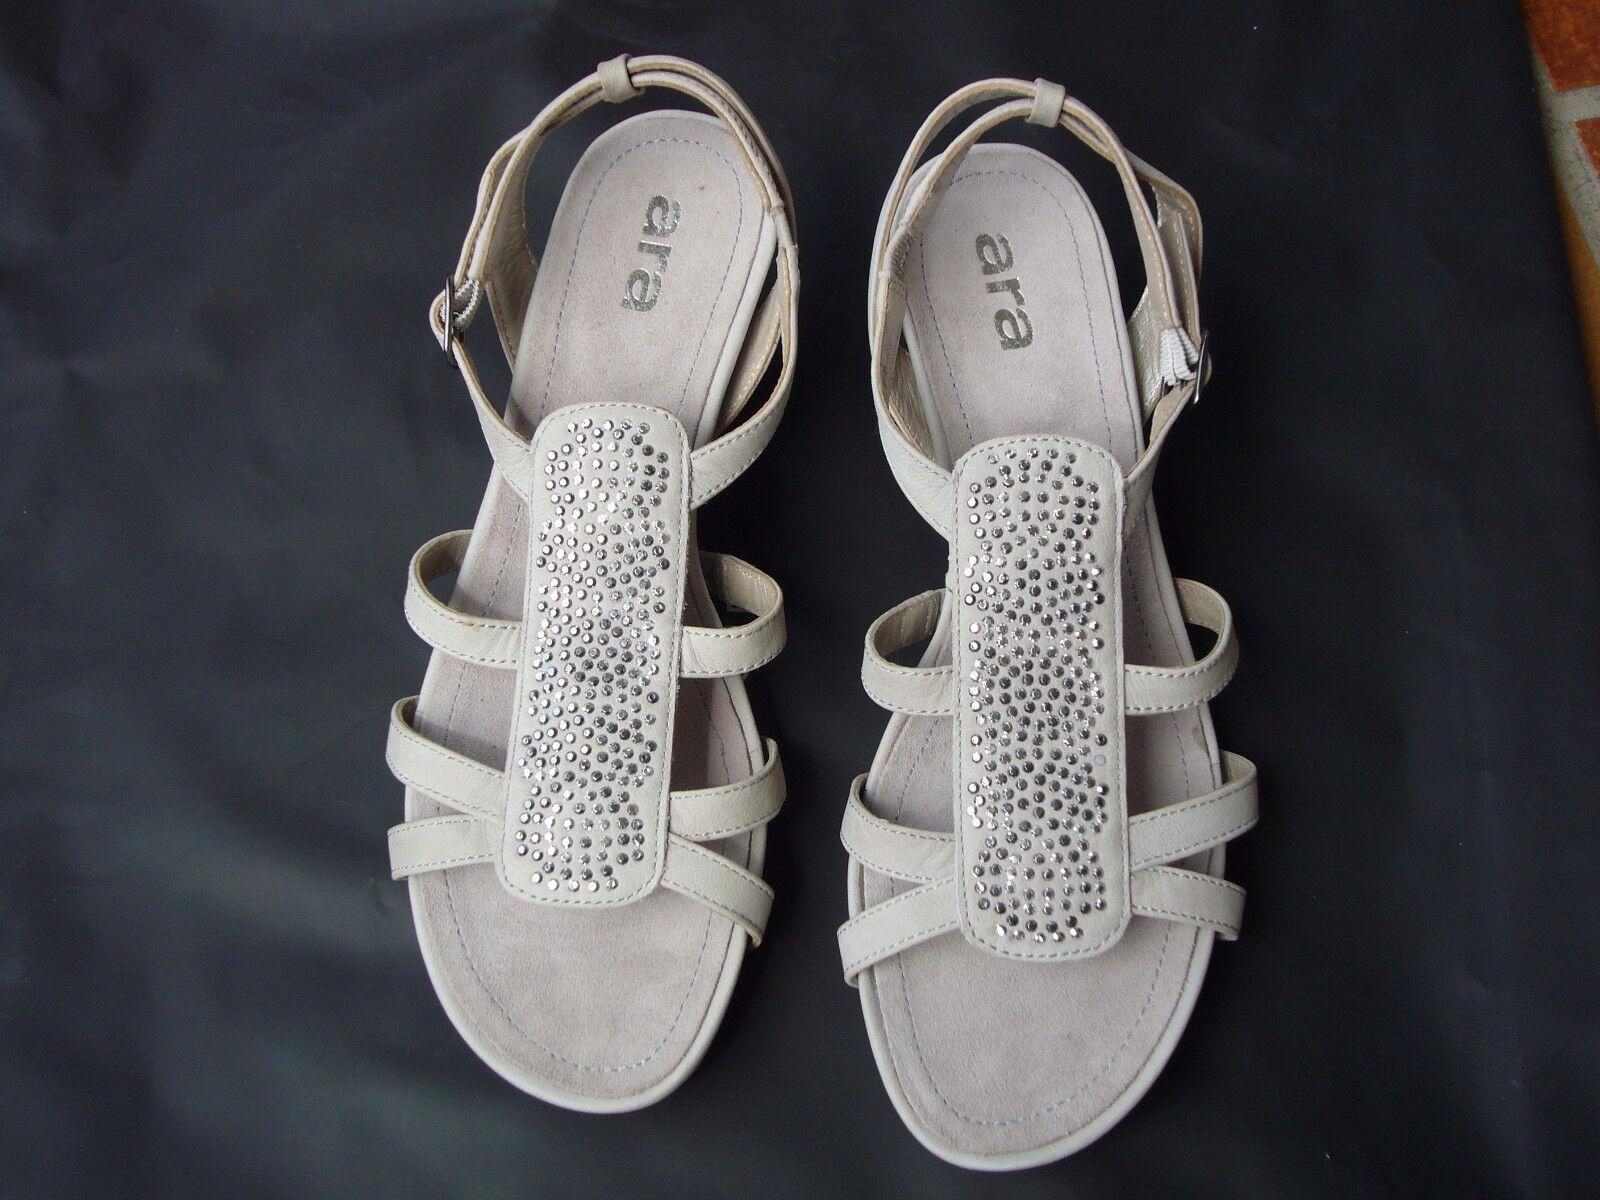 Sandale von Ara in 39 grösse neu